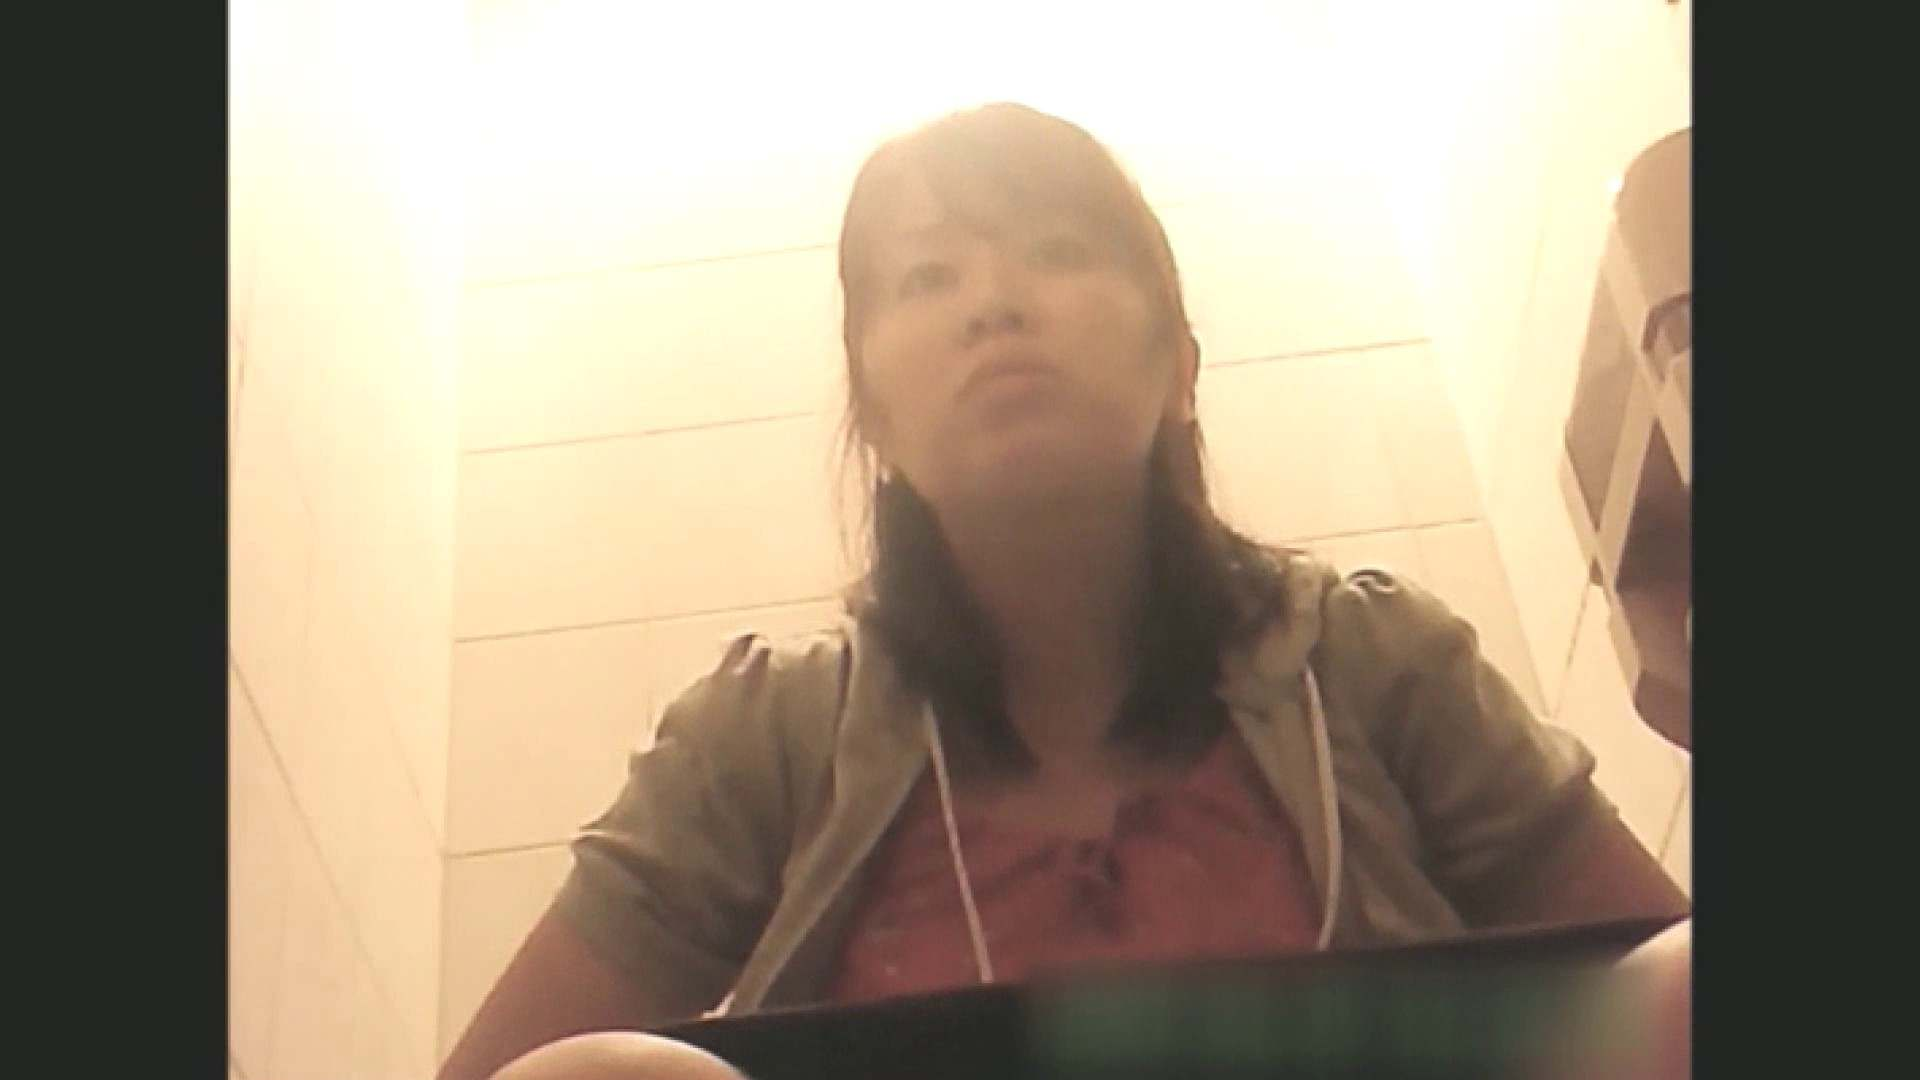 実録!!綺麗なお姉さんのトイレ事情・・・。vol.1 お姉さん ワレメ動画紹介 78連発 2